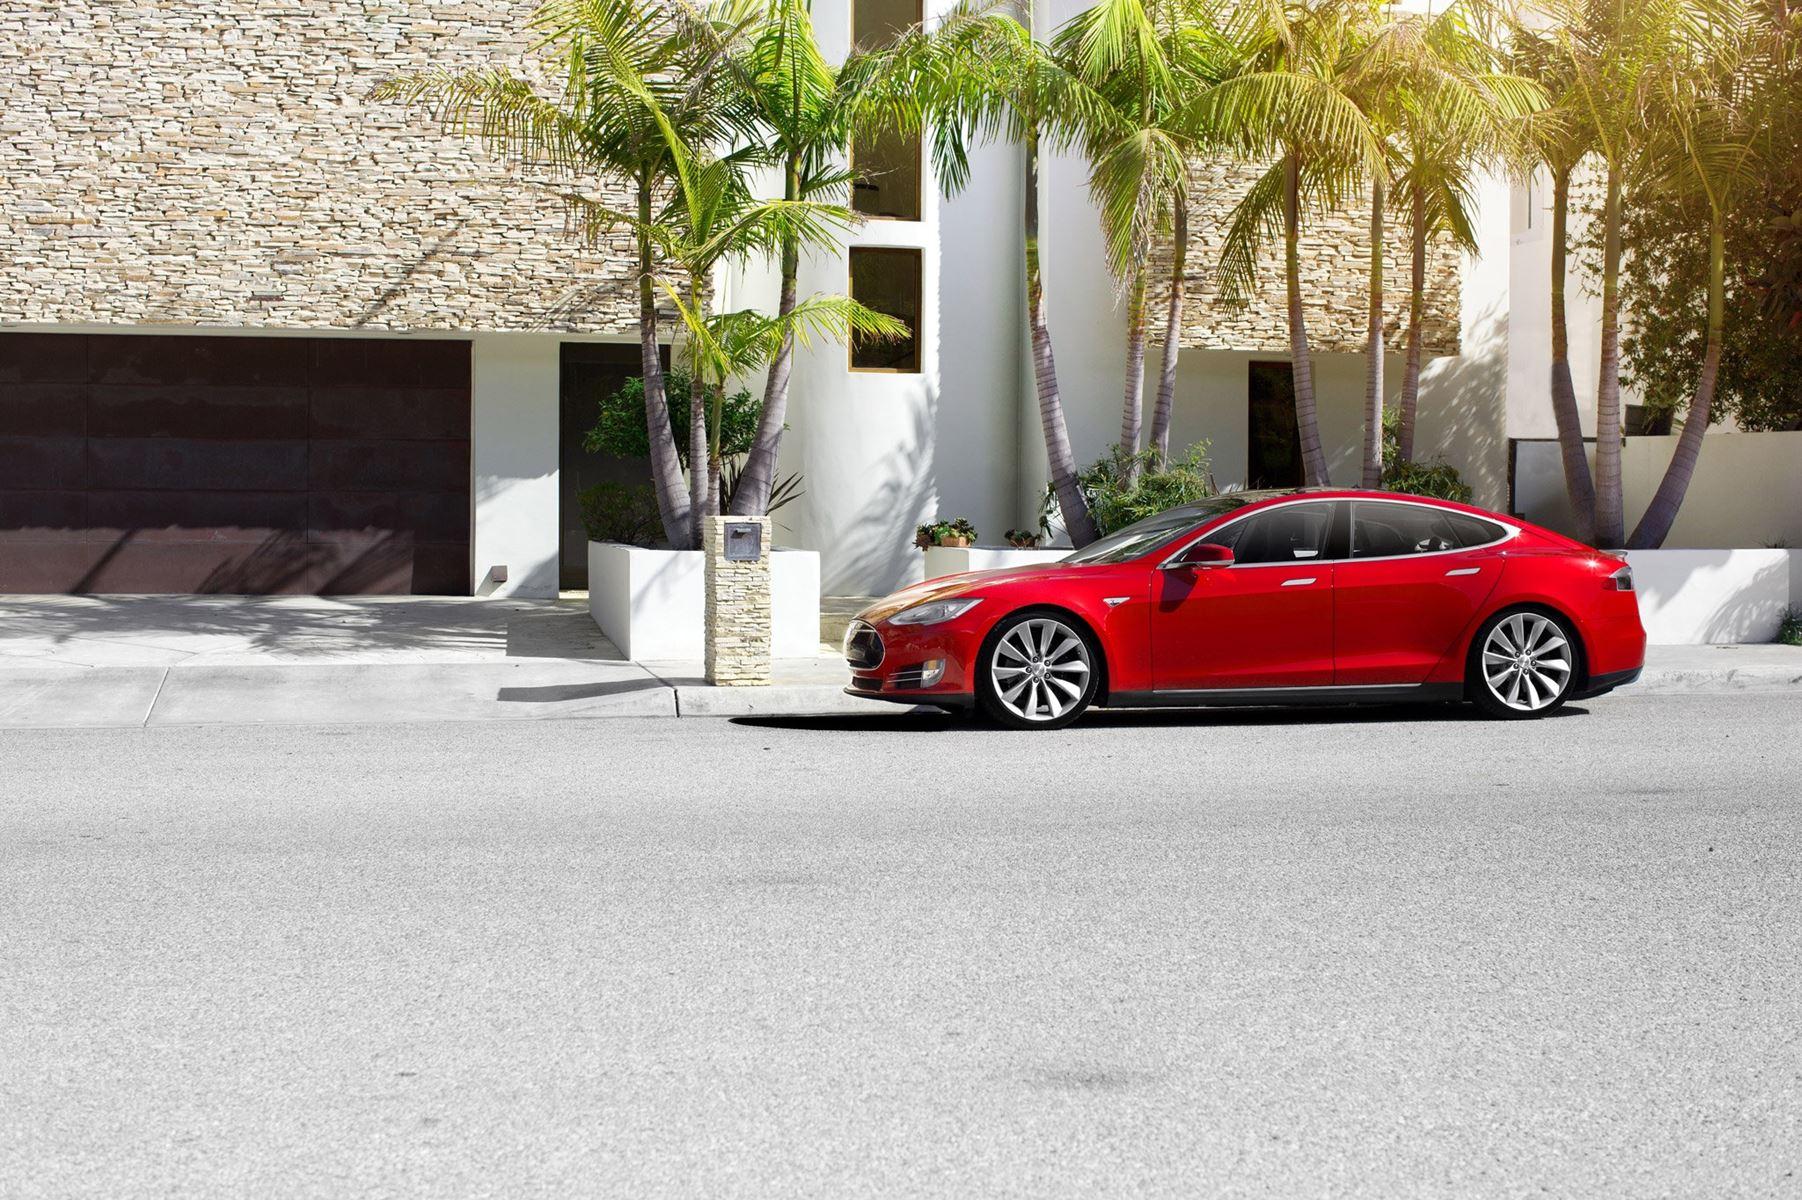 Den i finansverdenen kendte investor Jim Chanos har investeret i, at Tesla-aktien falder og tror på konkurs.